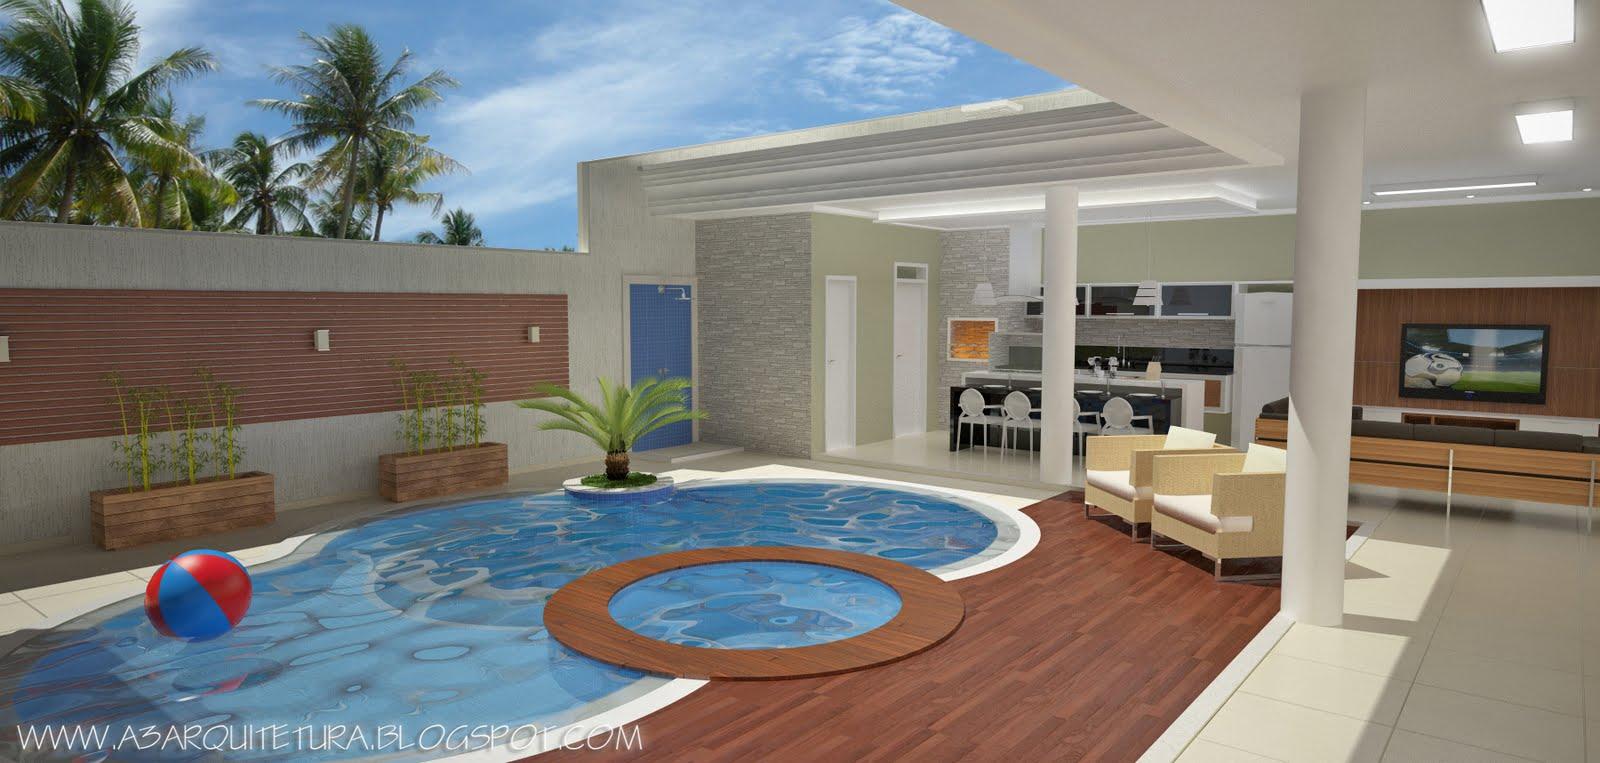 Arquitetura E Visualiza O Digital Rea De Lazer Cond Interlagos